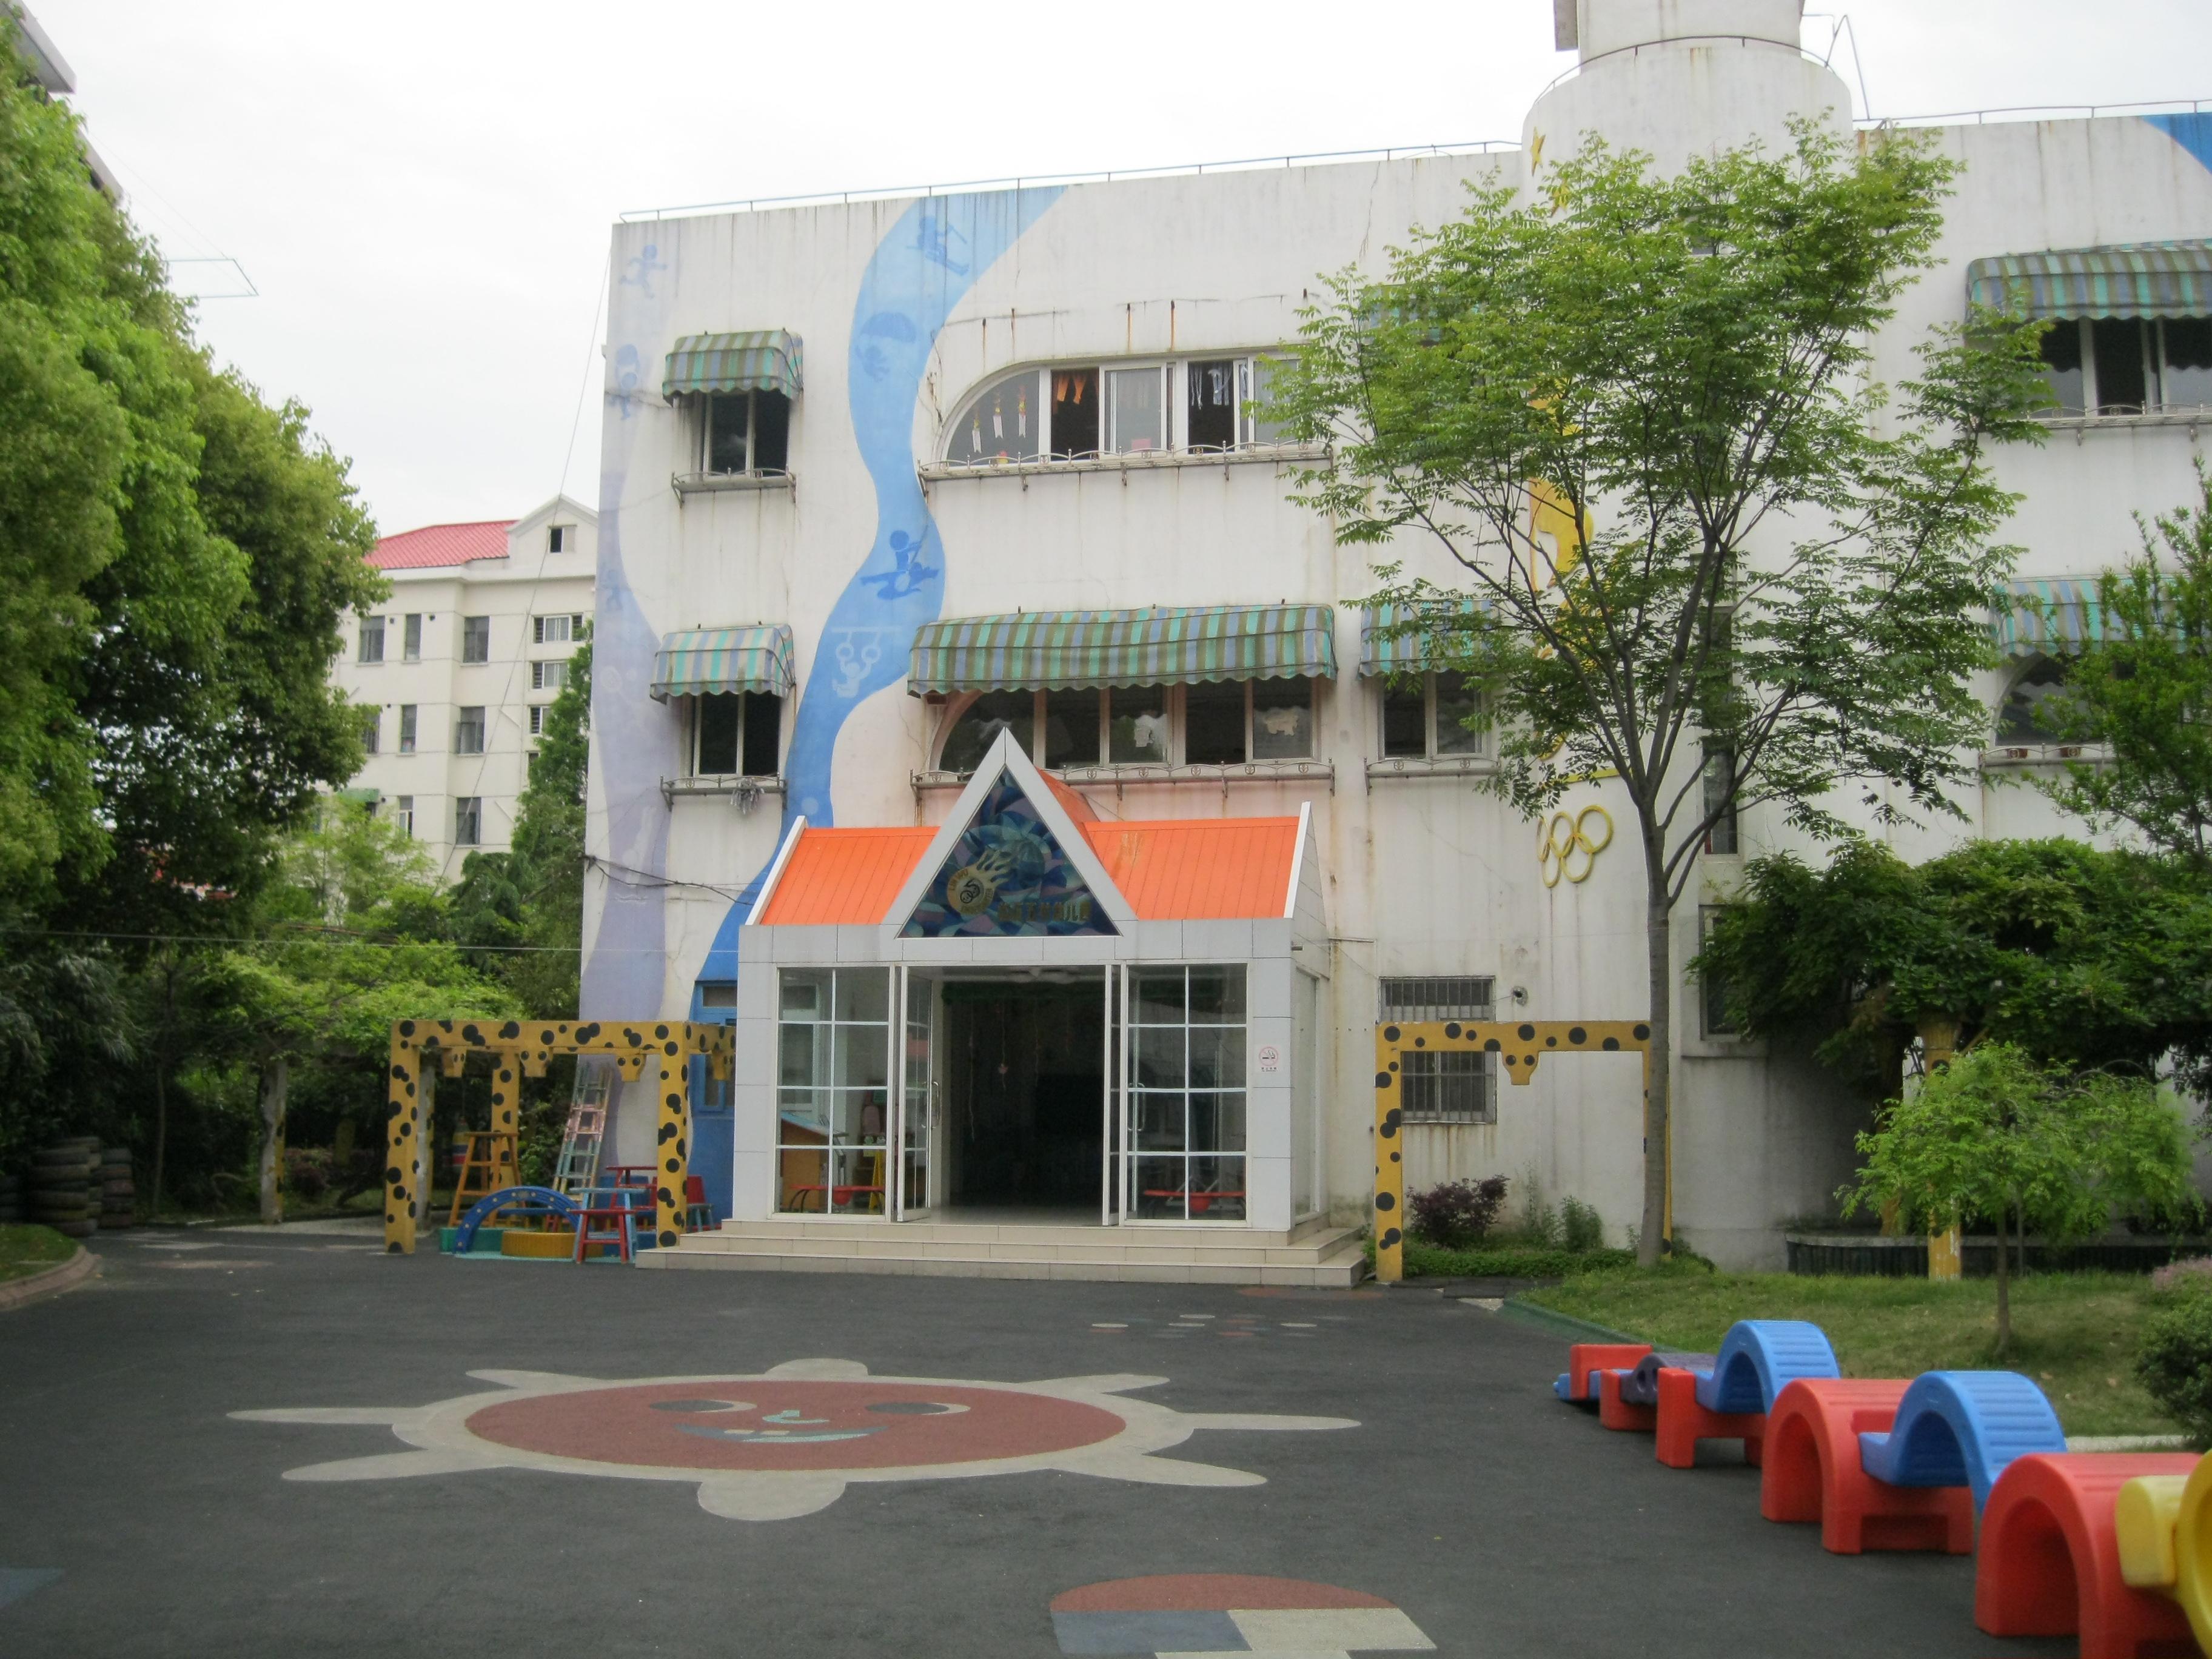 上海市浦东新区临沂五村幼儿园